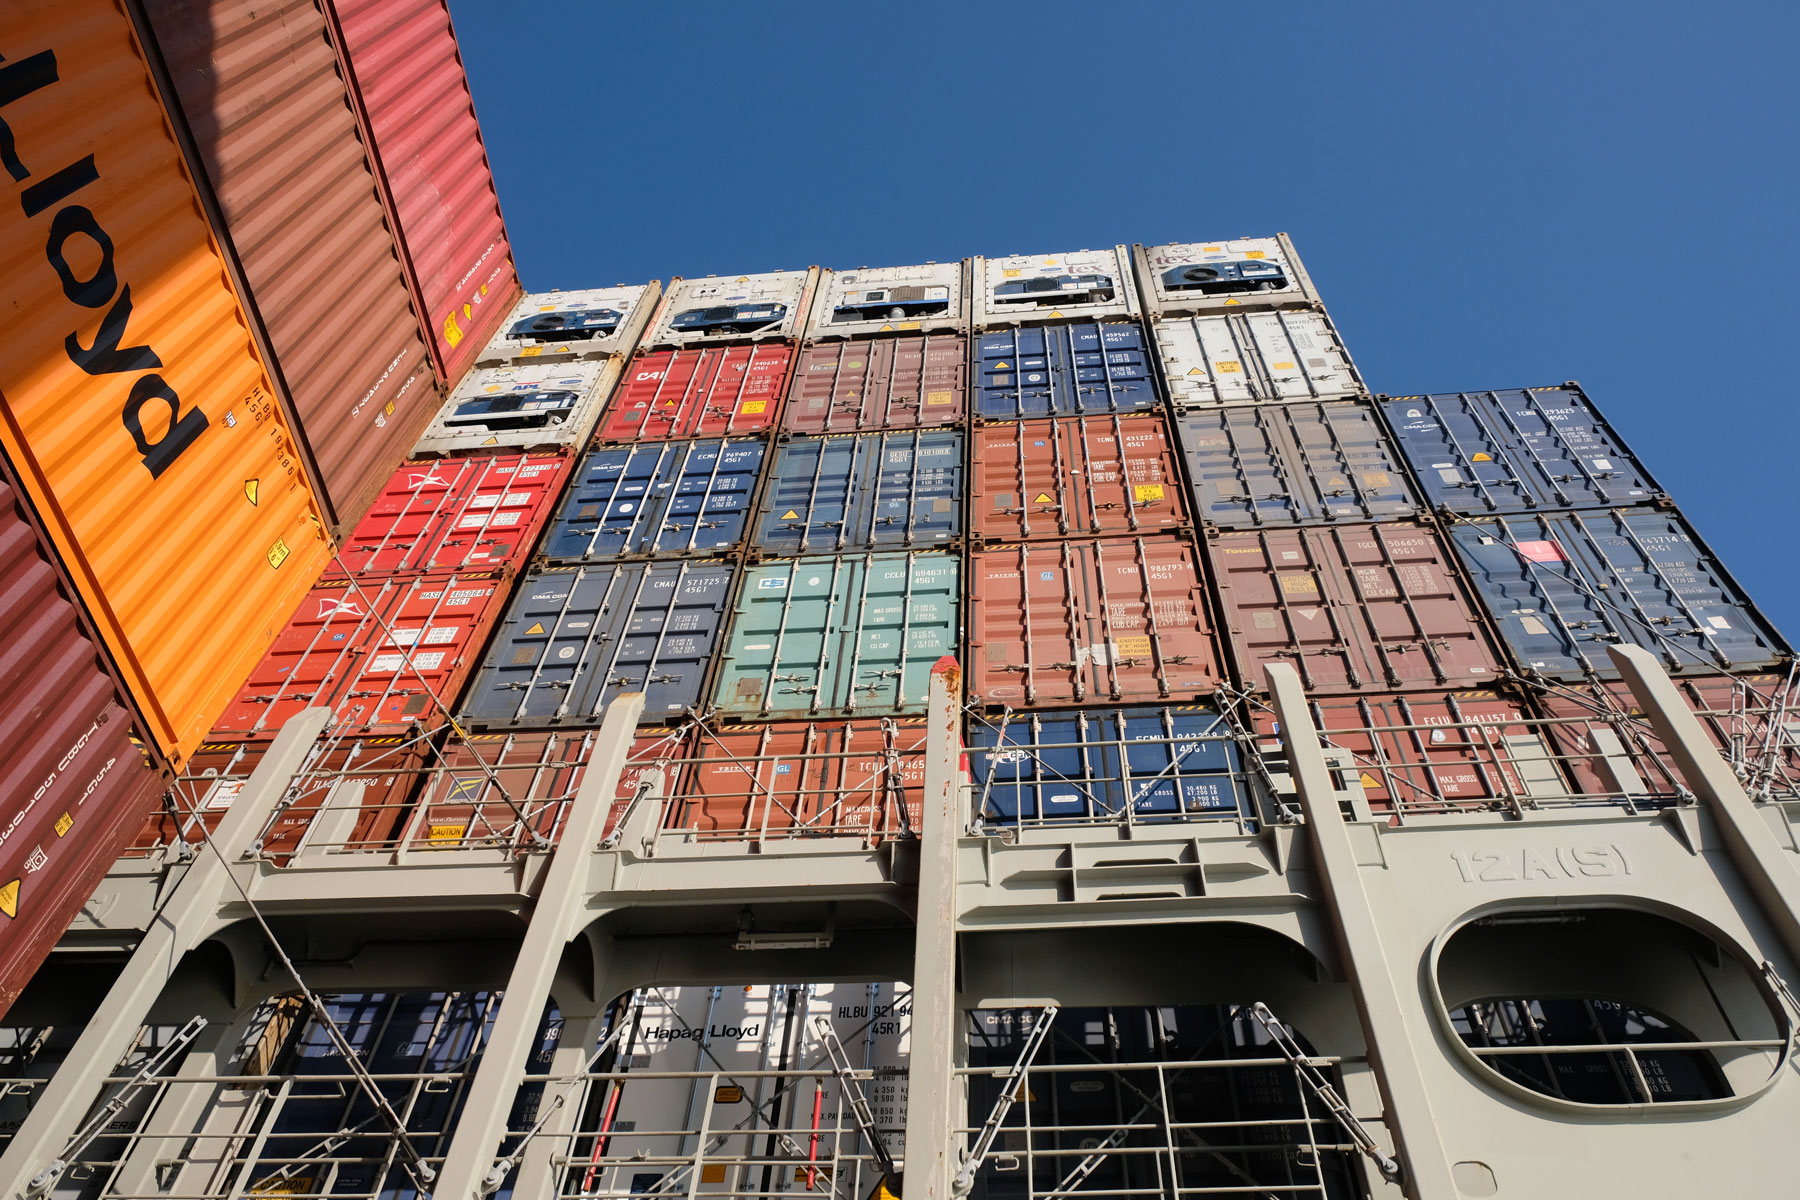 Gestapelte Container auf einem Frachtschiff.